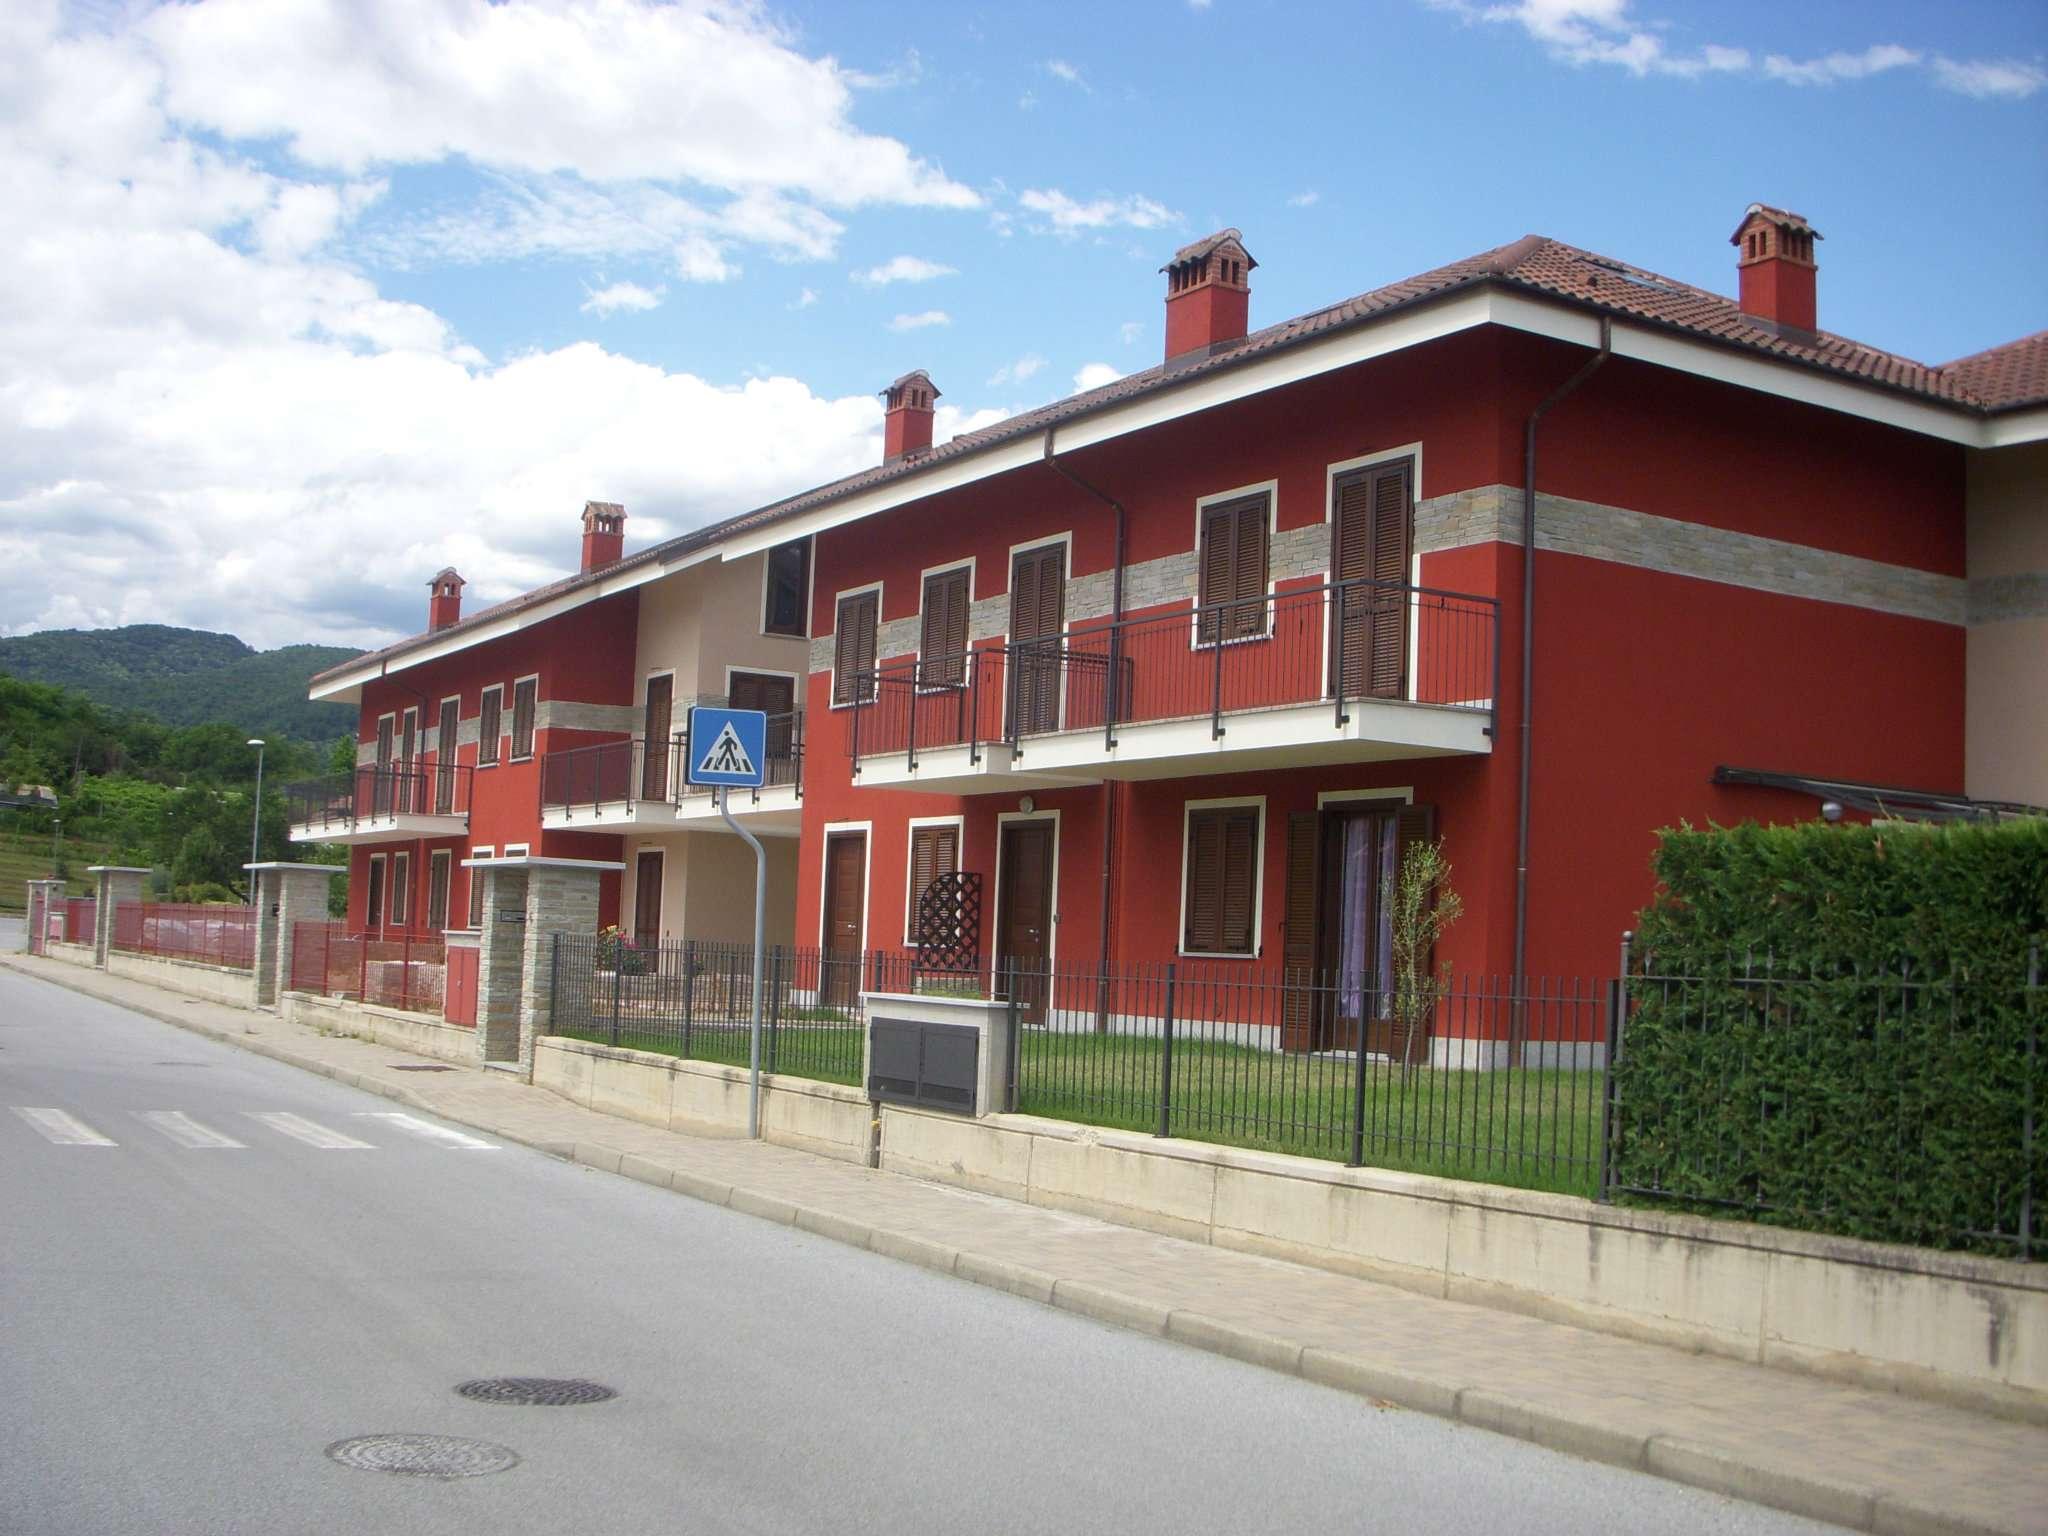 Appartamento in vendita a Bricherasio, 3 locali, prezzo € 155.000 | PortaleAgenzieImmobiliari.it